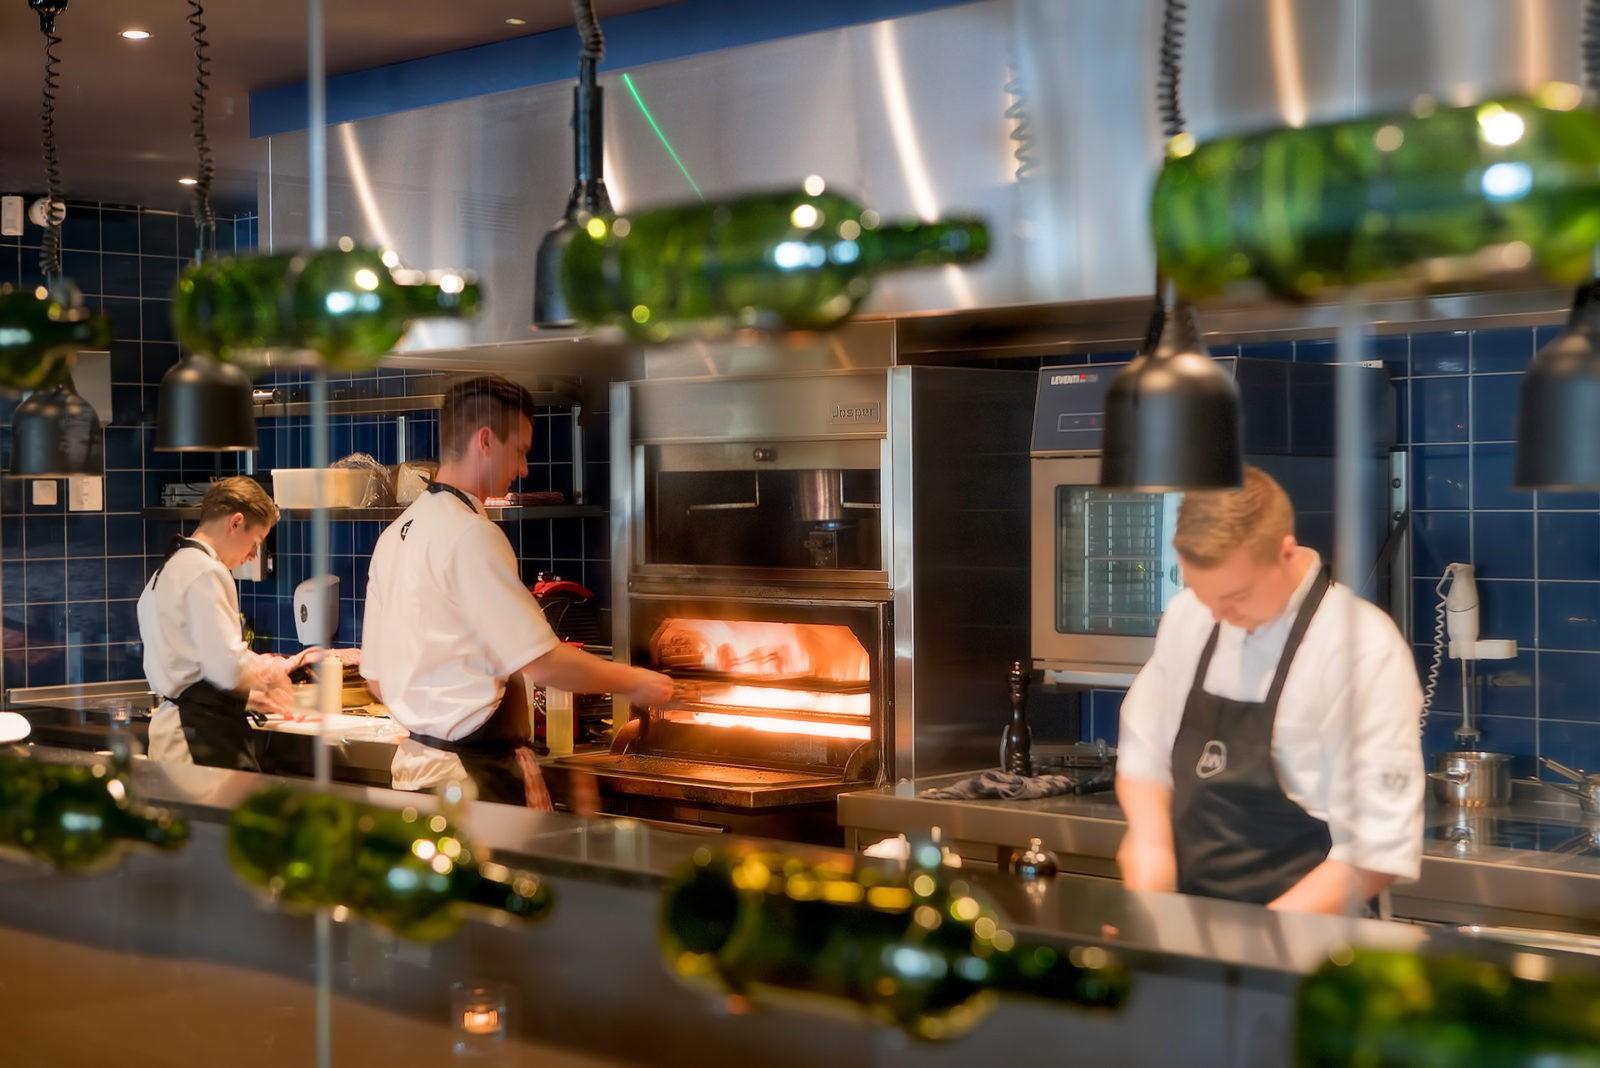 Du Nord Kaatsheuvel keuken